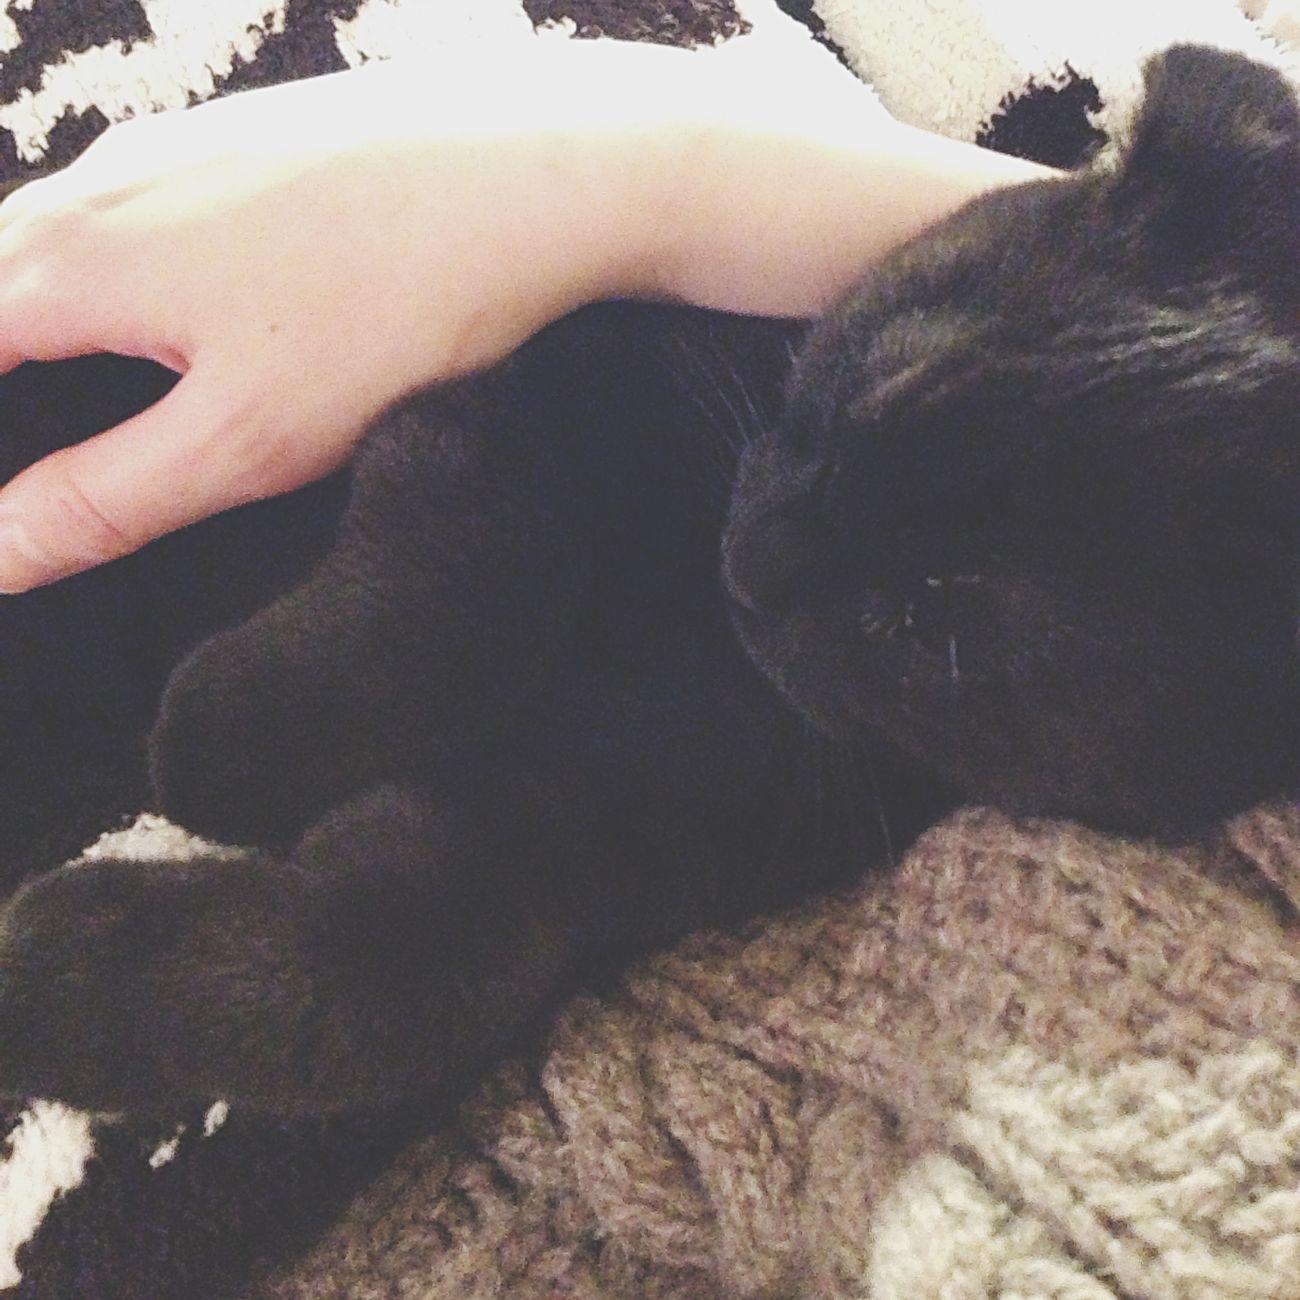 おやすみ 黒猫 スコティッシュフォールド 仔猫 💤